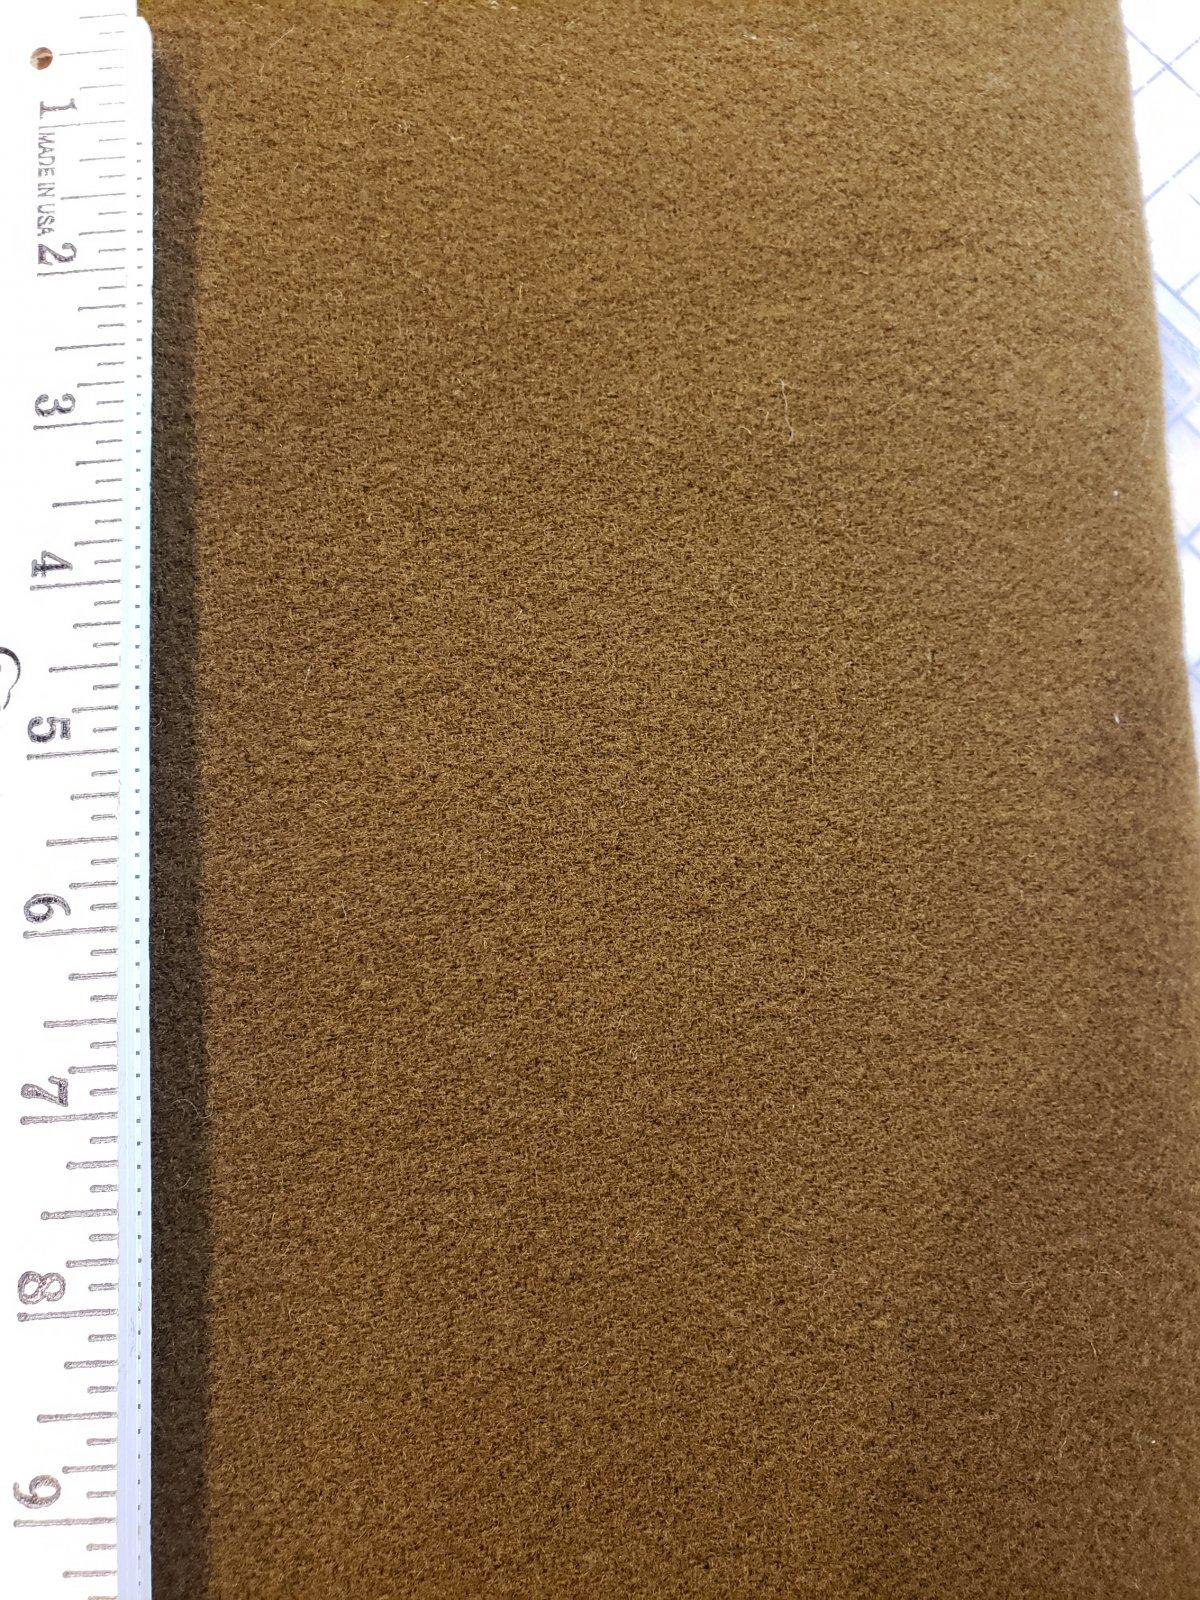 Wool - Brown